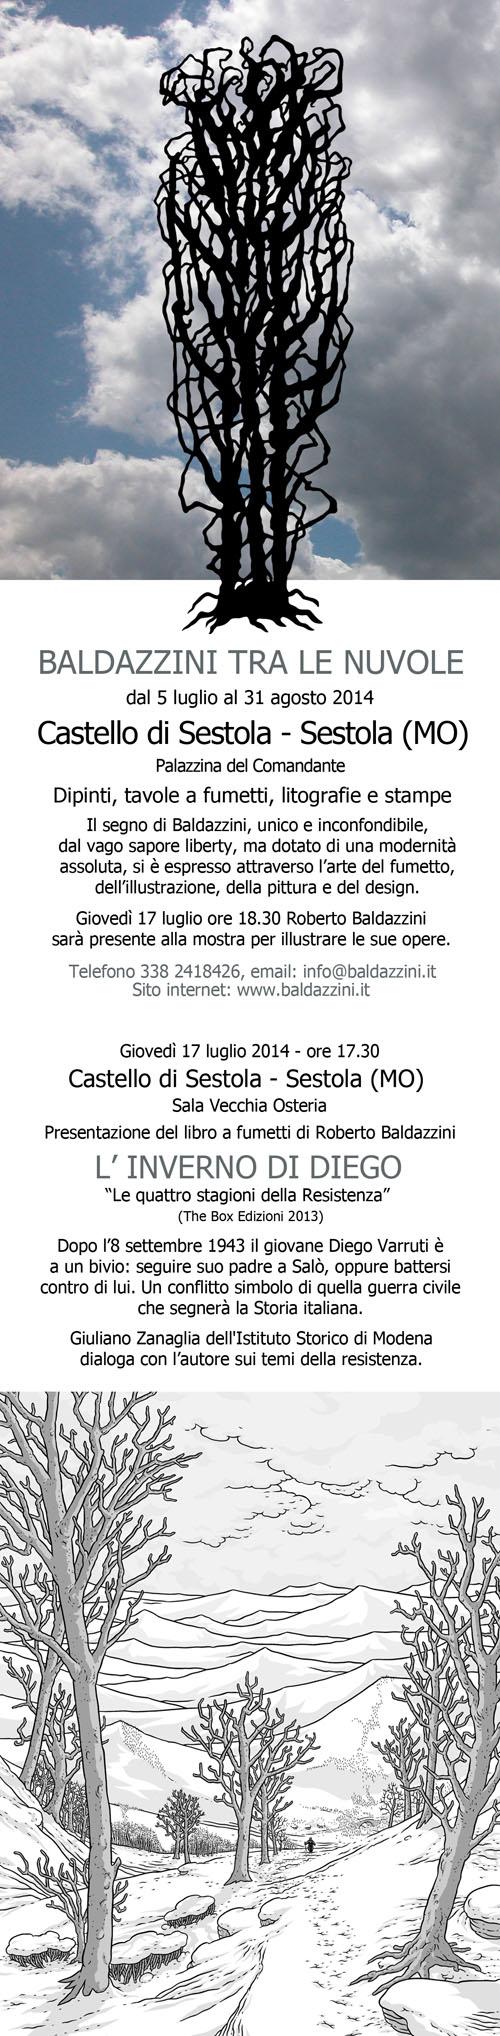 Mostra personale di Roberto Baldazzini al Castello di Sestola (MO)